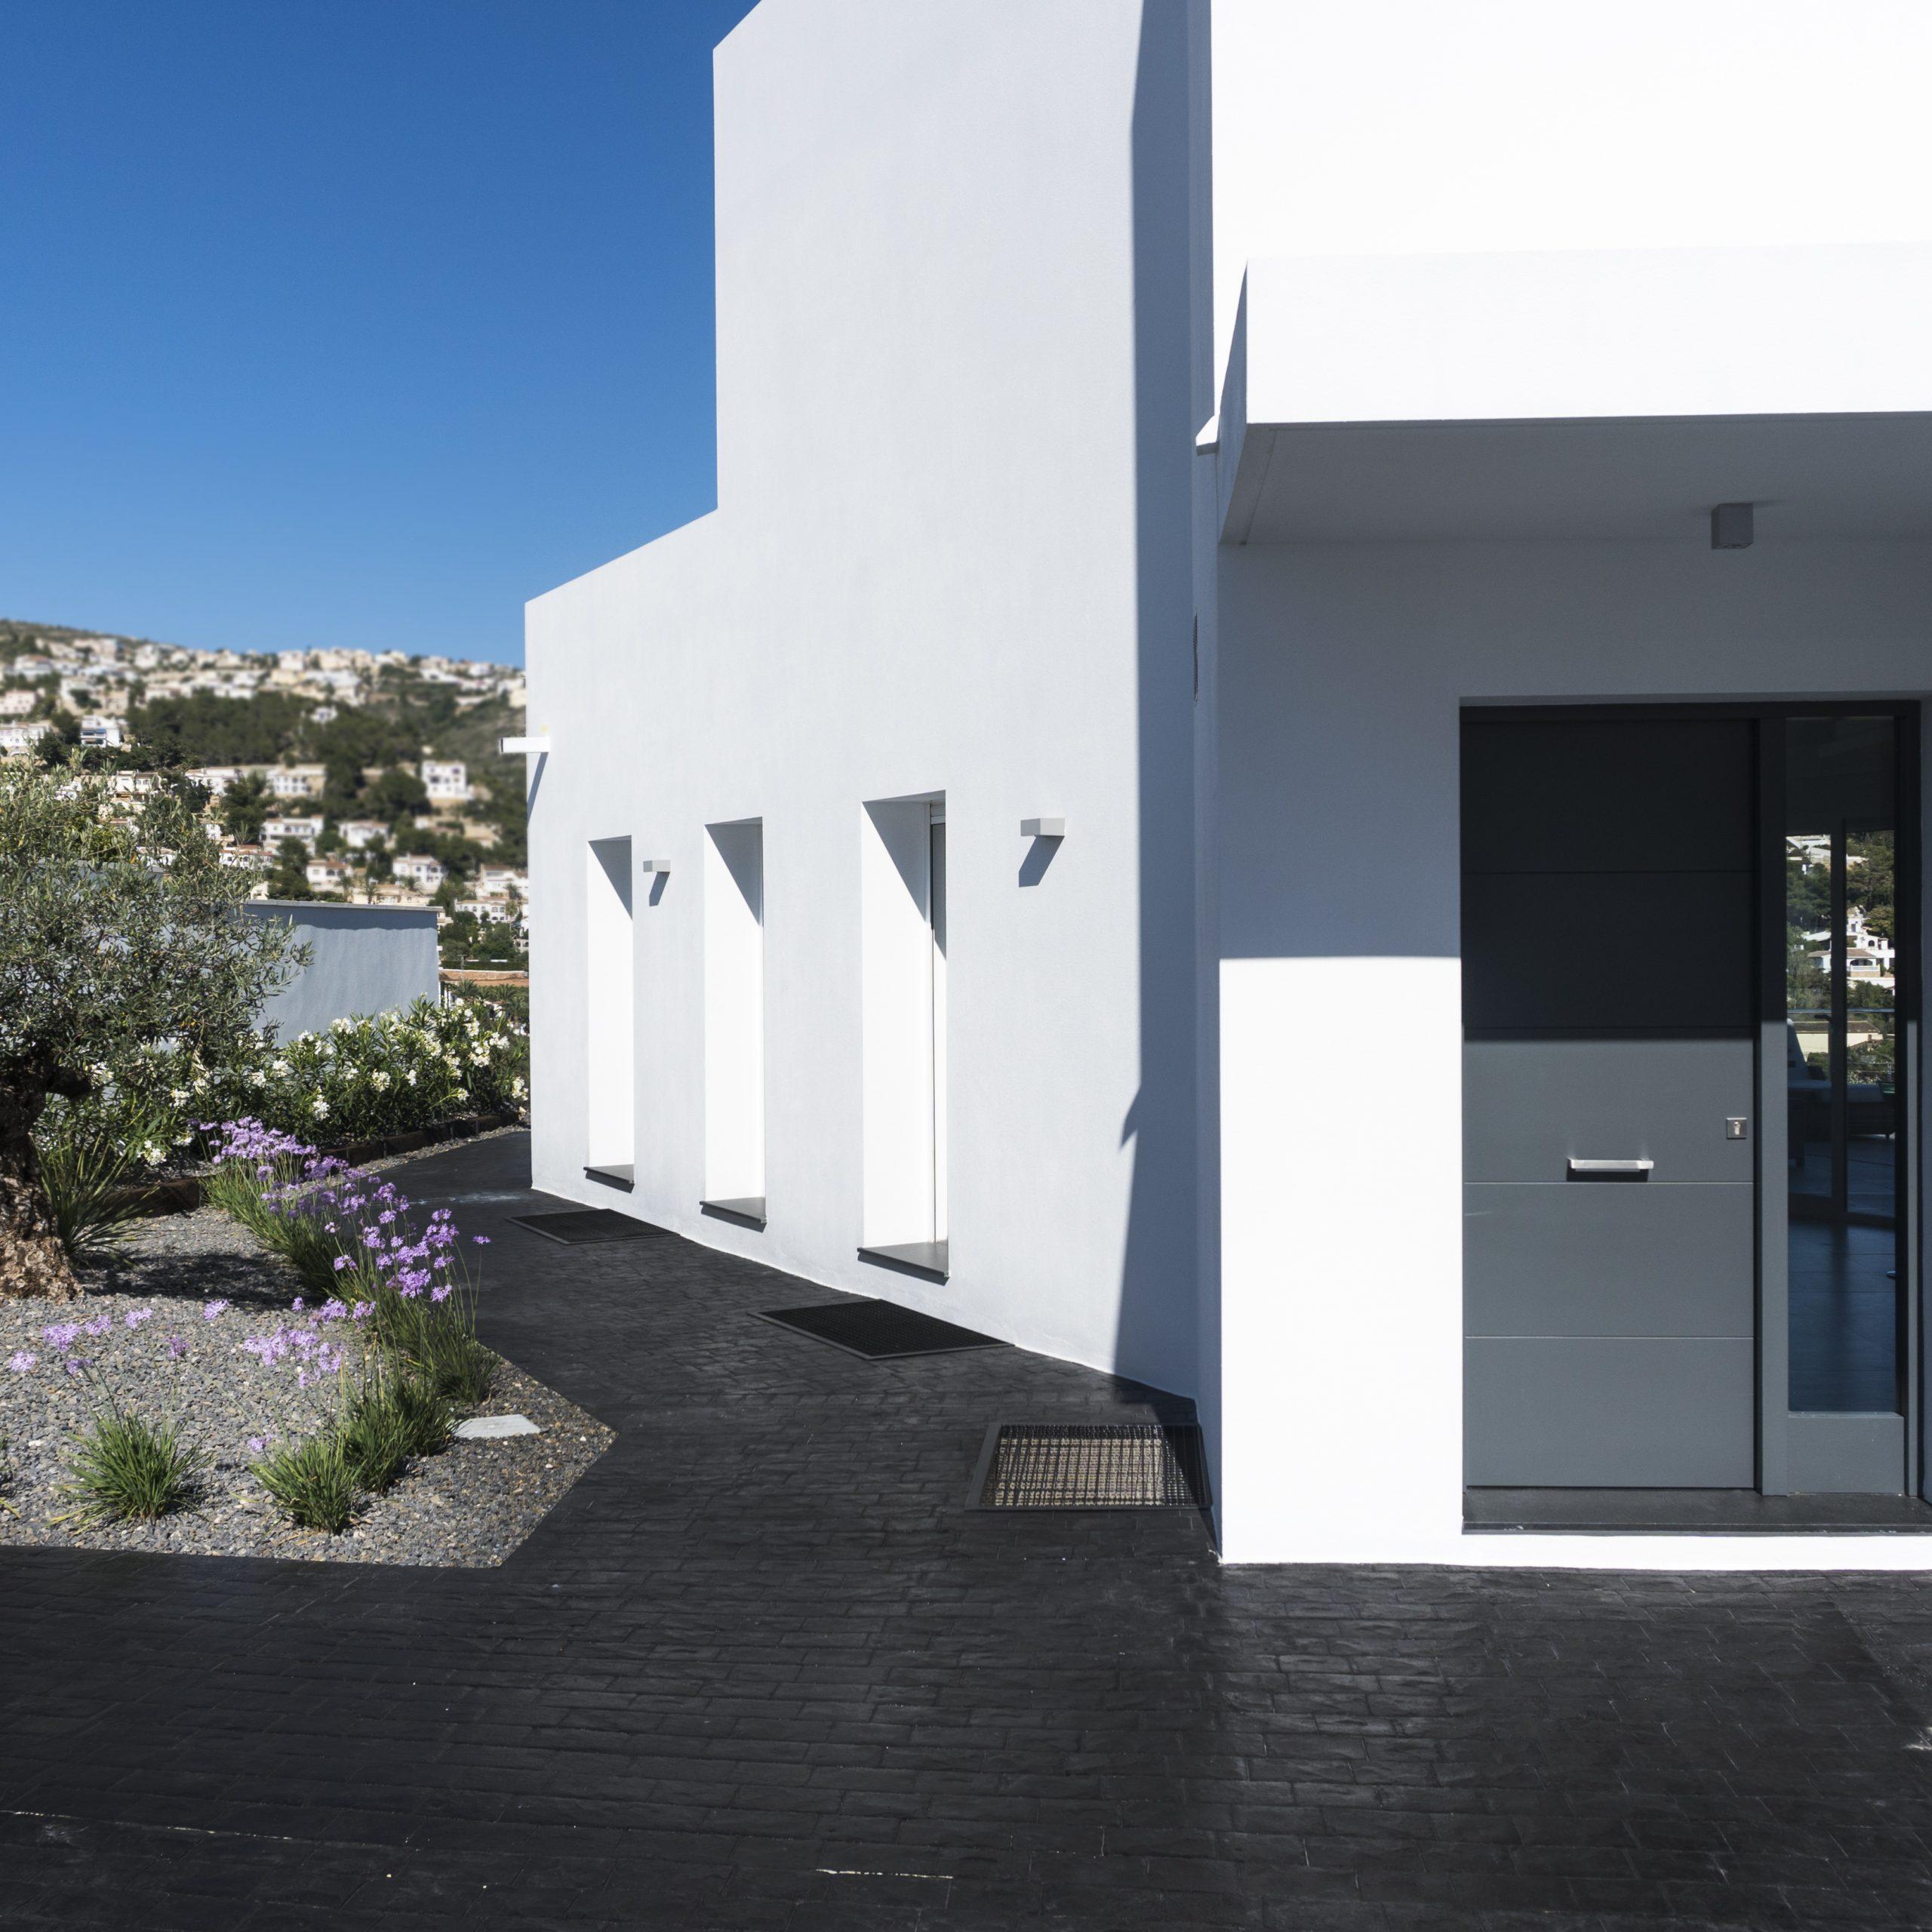 Arquitectos Calpe: Cómo evitar retrasos en proyectos de arquitectura